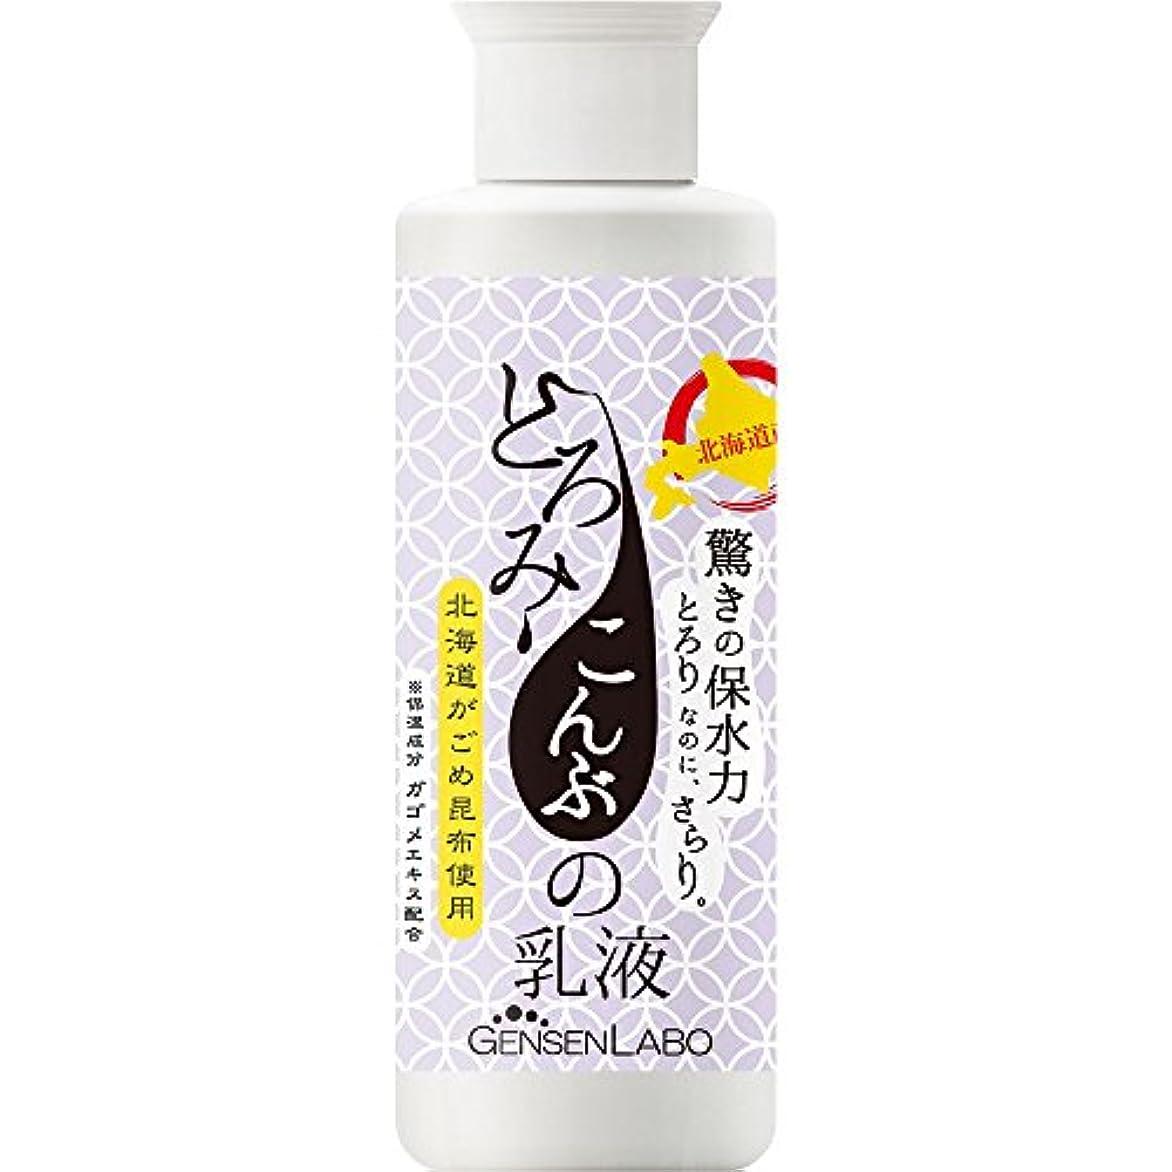 石膏リーチ裁量ピュアスマイル GENSENLABO とろみ乳液 150ml